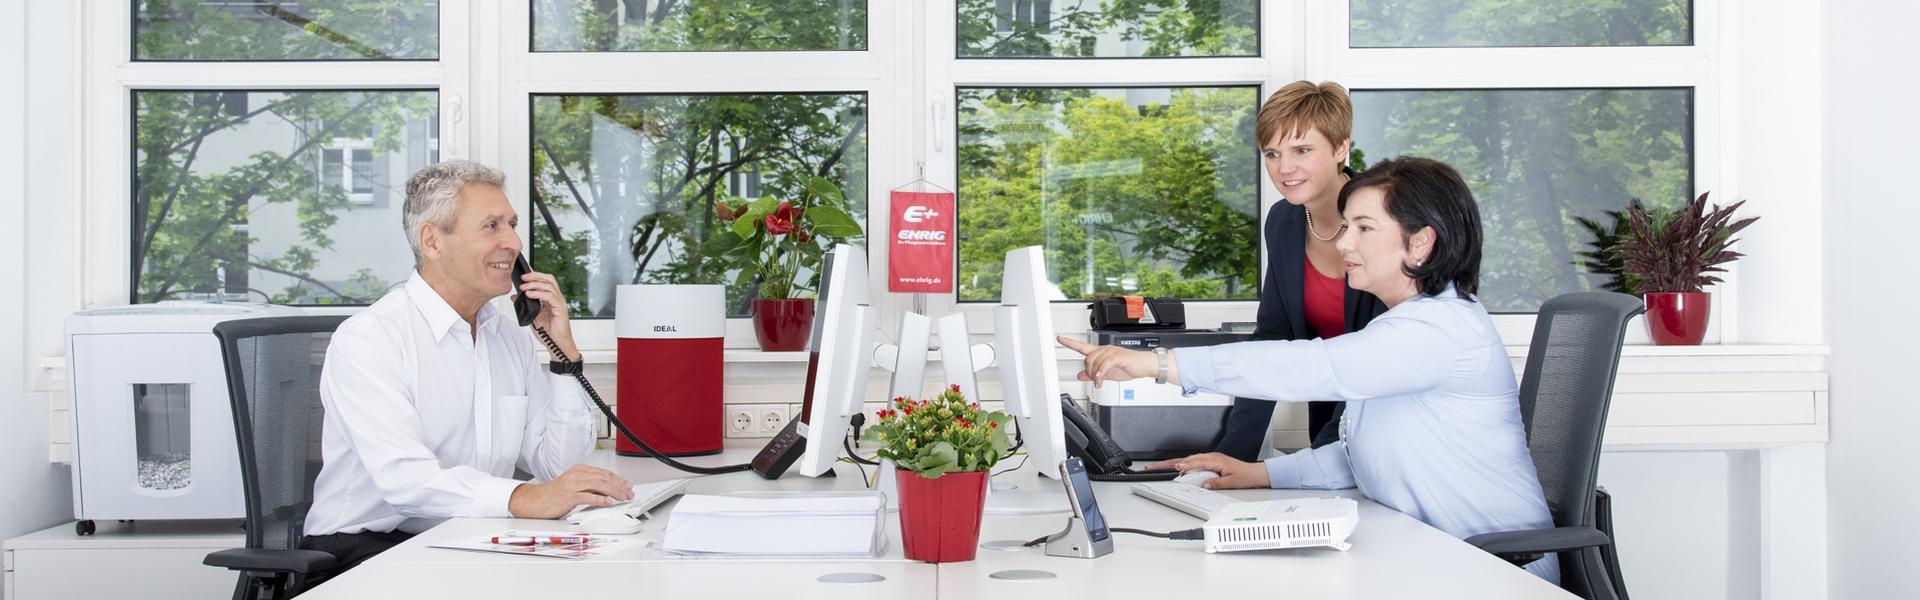 Alles für Ihr Büro